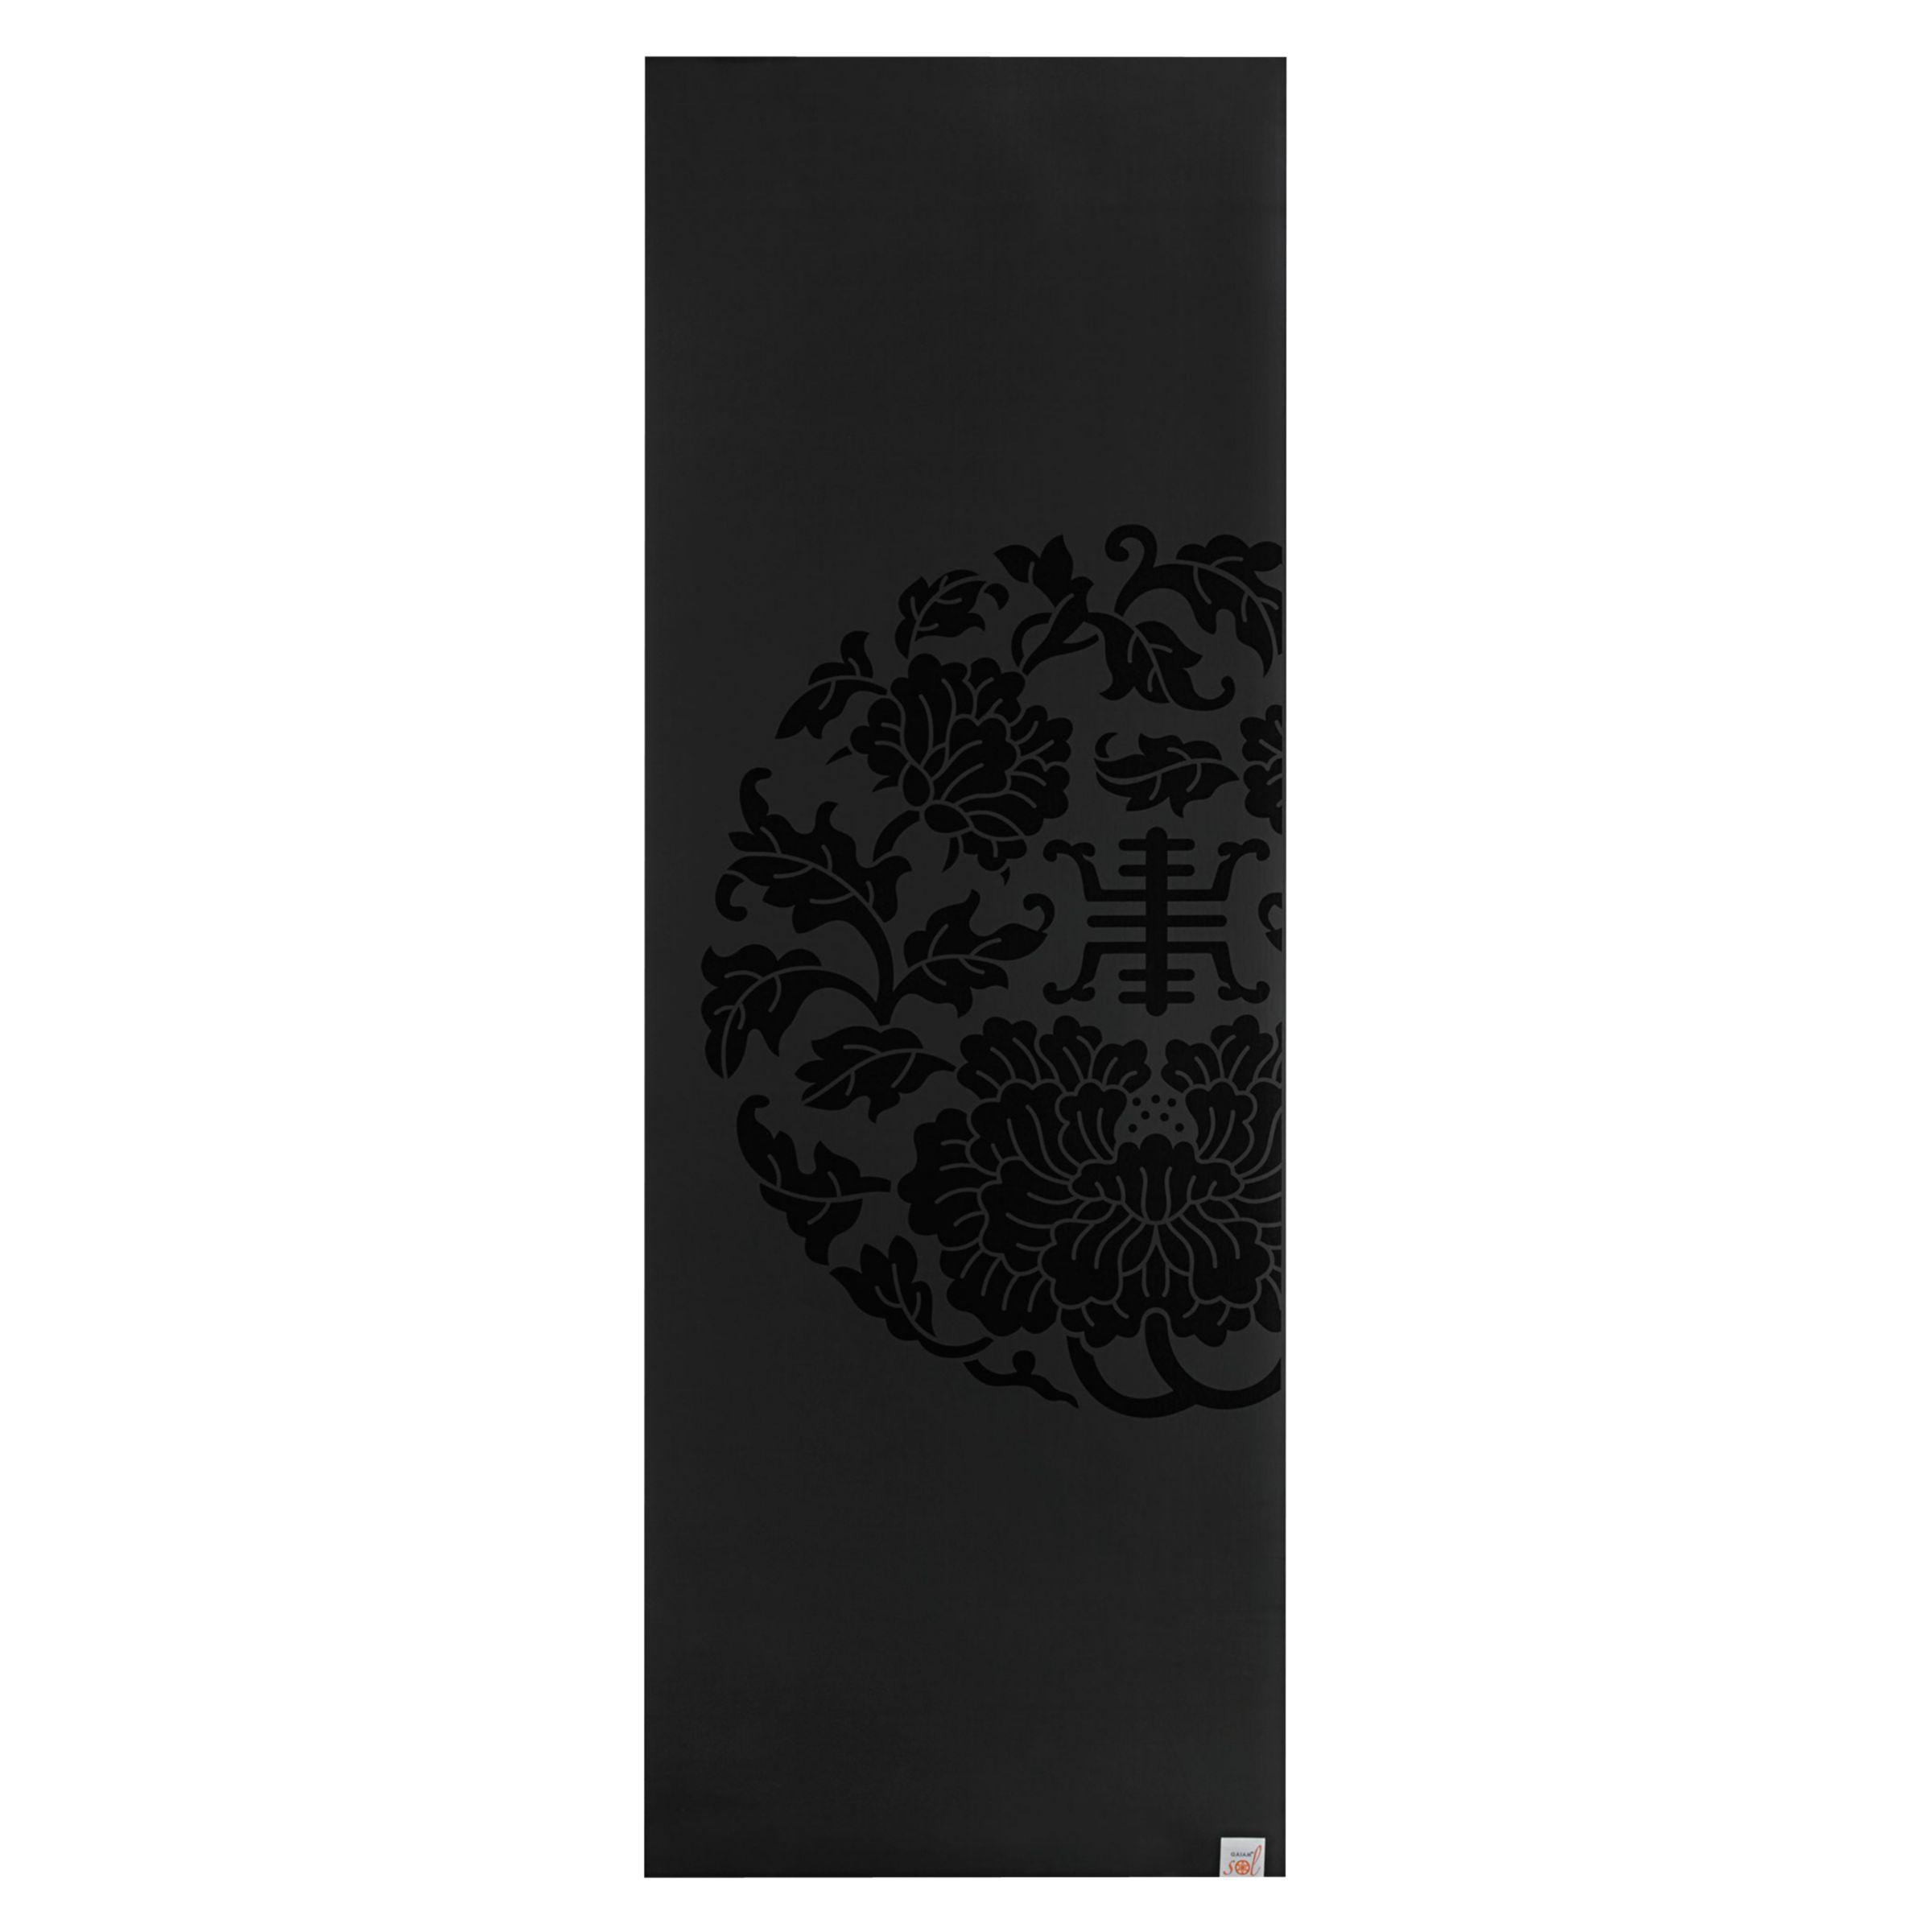 Gaiam Gaiam Dry Grip Yoga Mat, Black